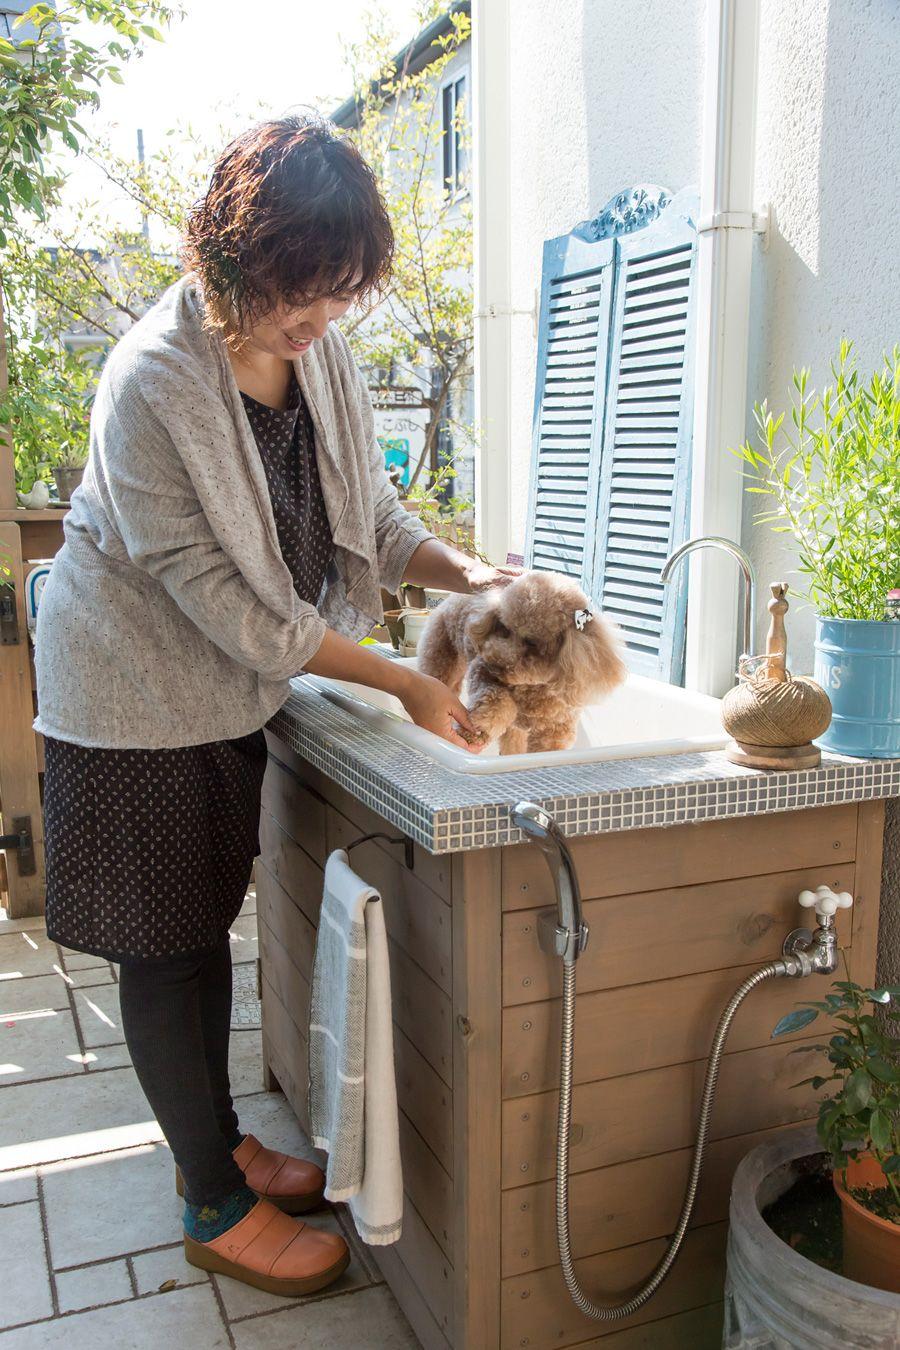 ペットボウル ステンレスボウル ごはん皿 犬猫用 ペット食器 食事台 給食 給水 滑り止め ペットボウル ペット 食器